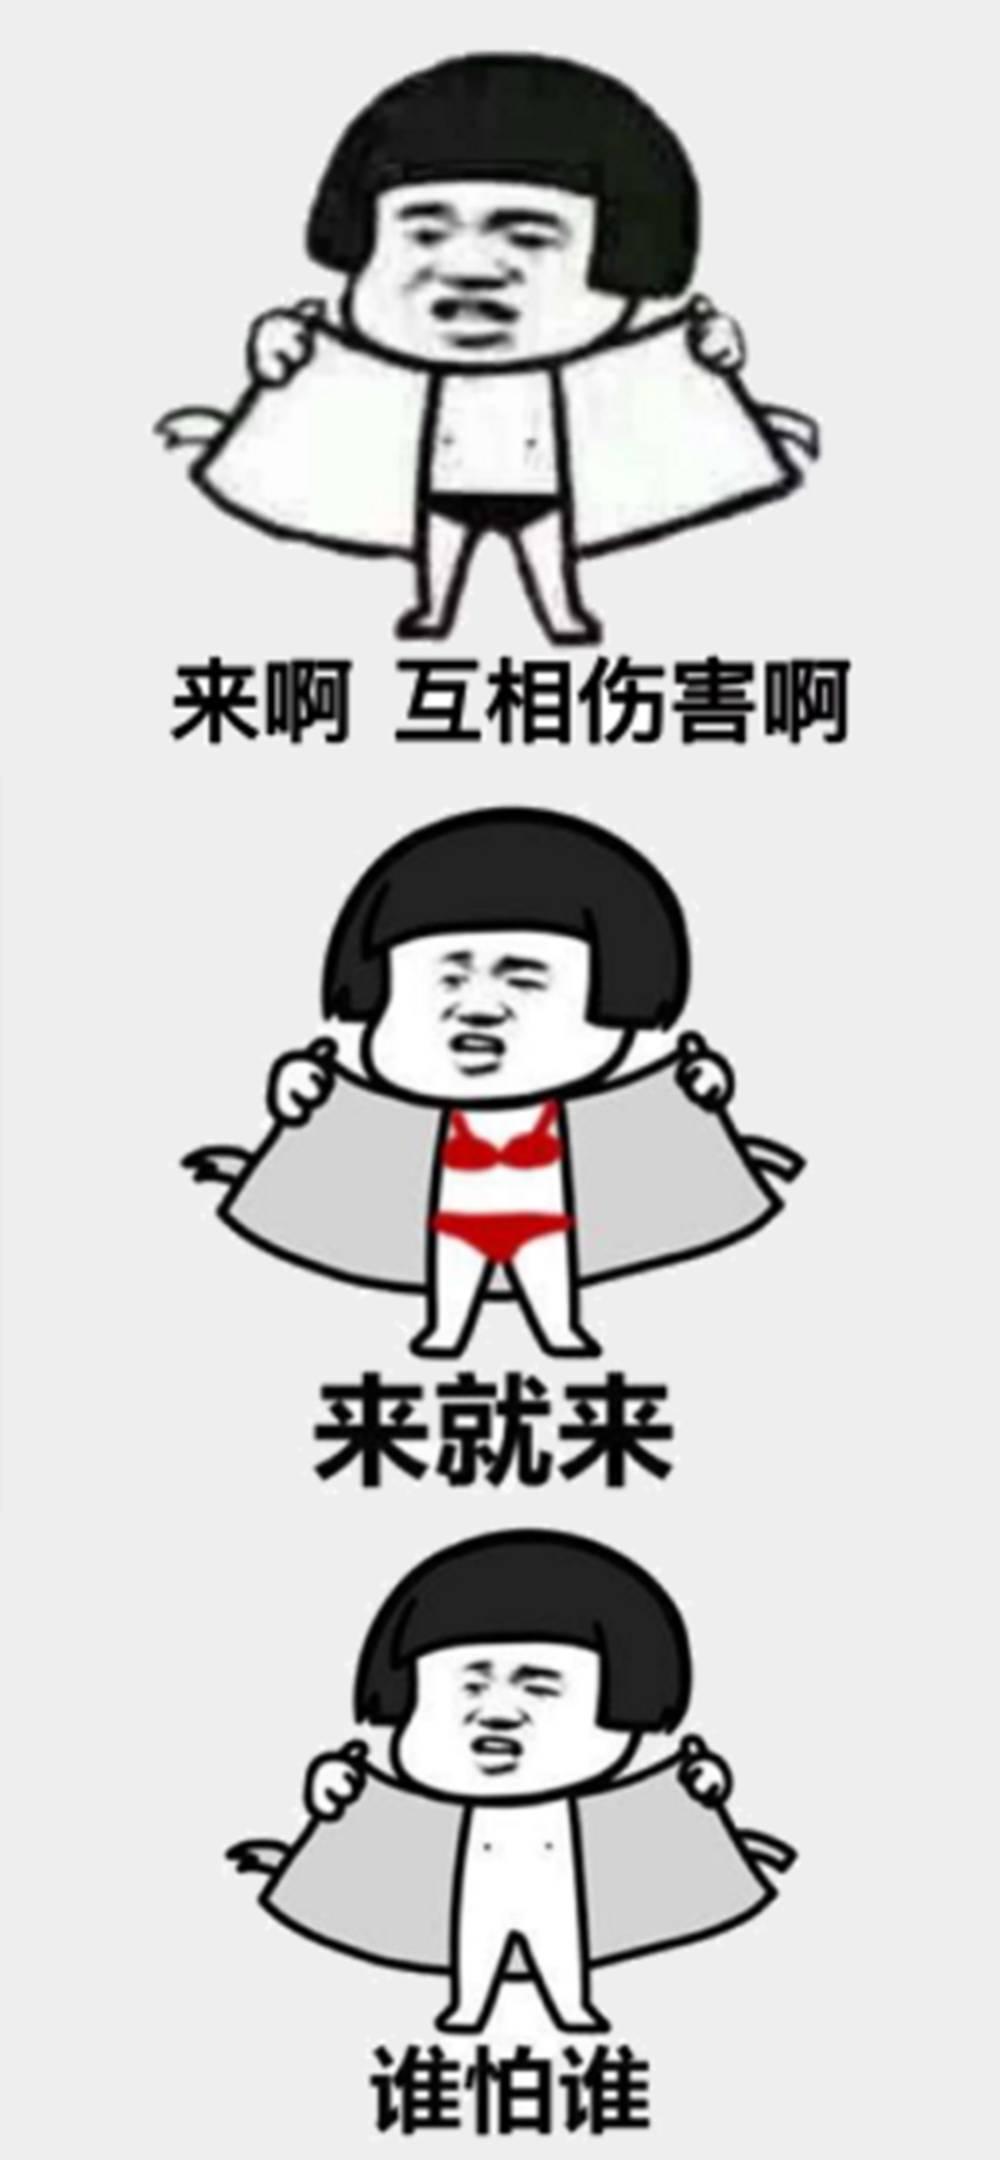 虐!很虐!十分虐!人民东路受骗街表达,画面不忍直视......